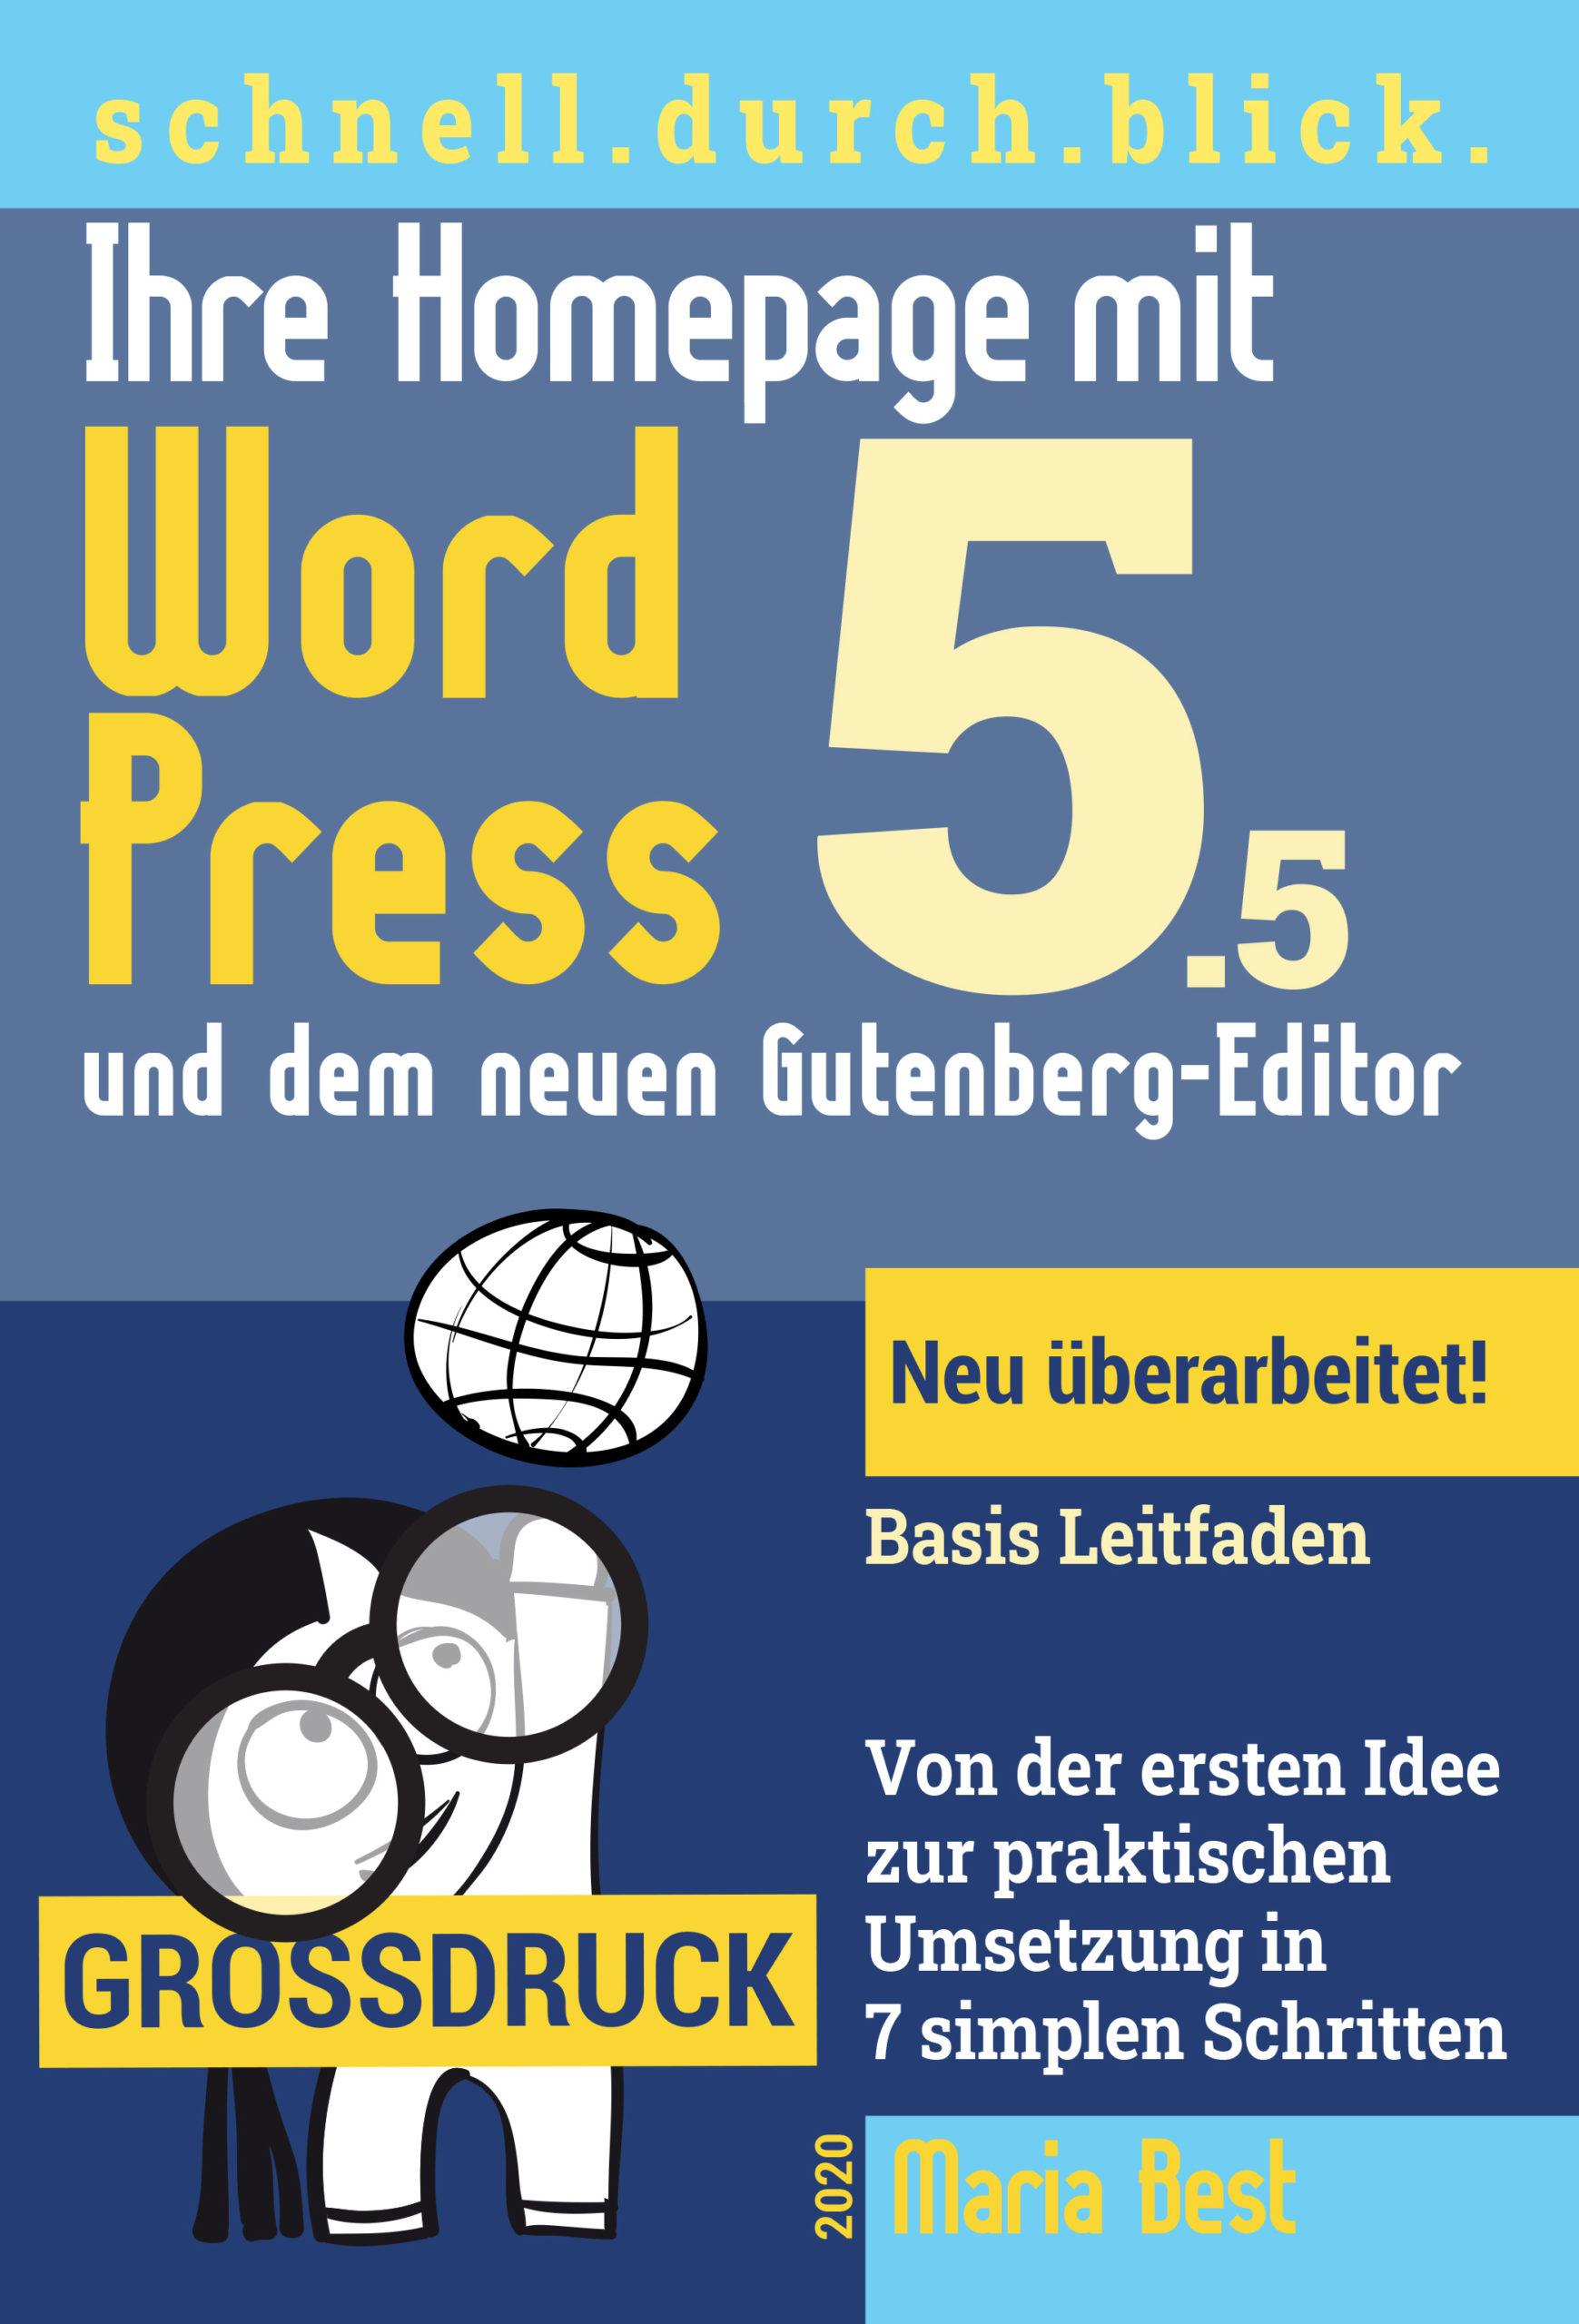 2020 WordPress_5.5_Allgemein_GROSSDRUCK_COVER